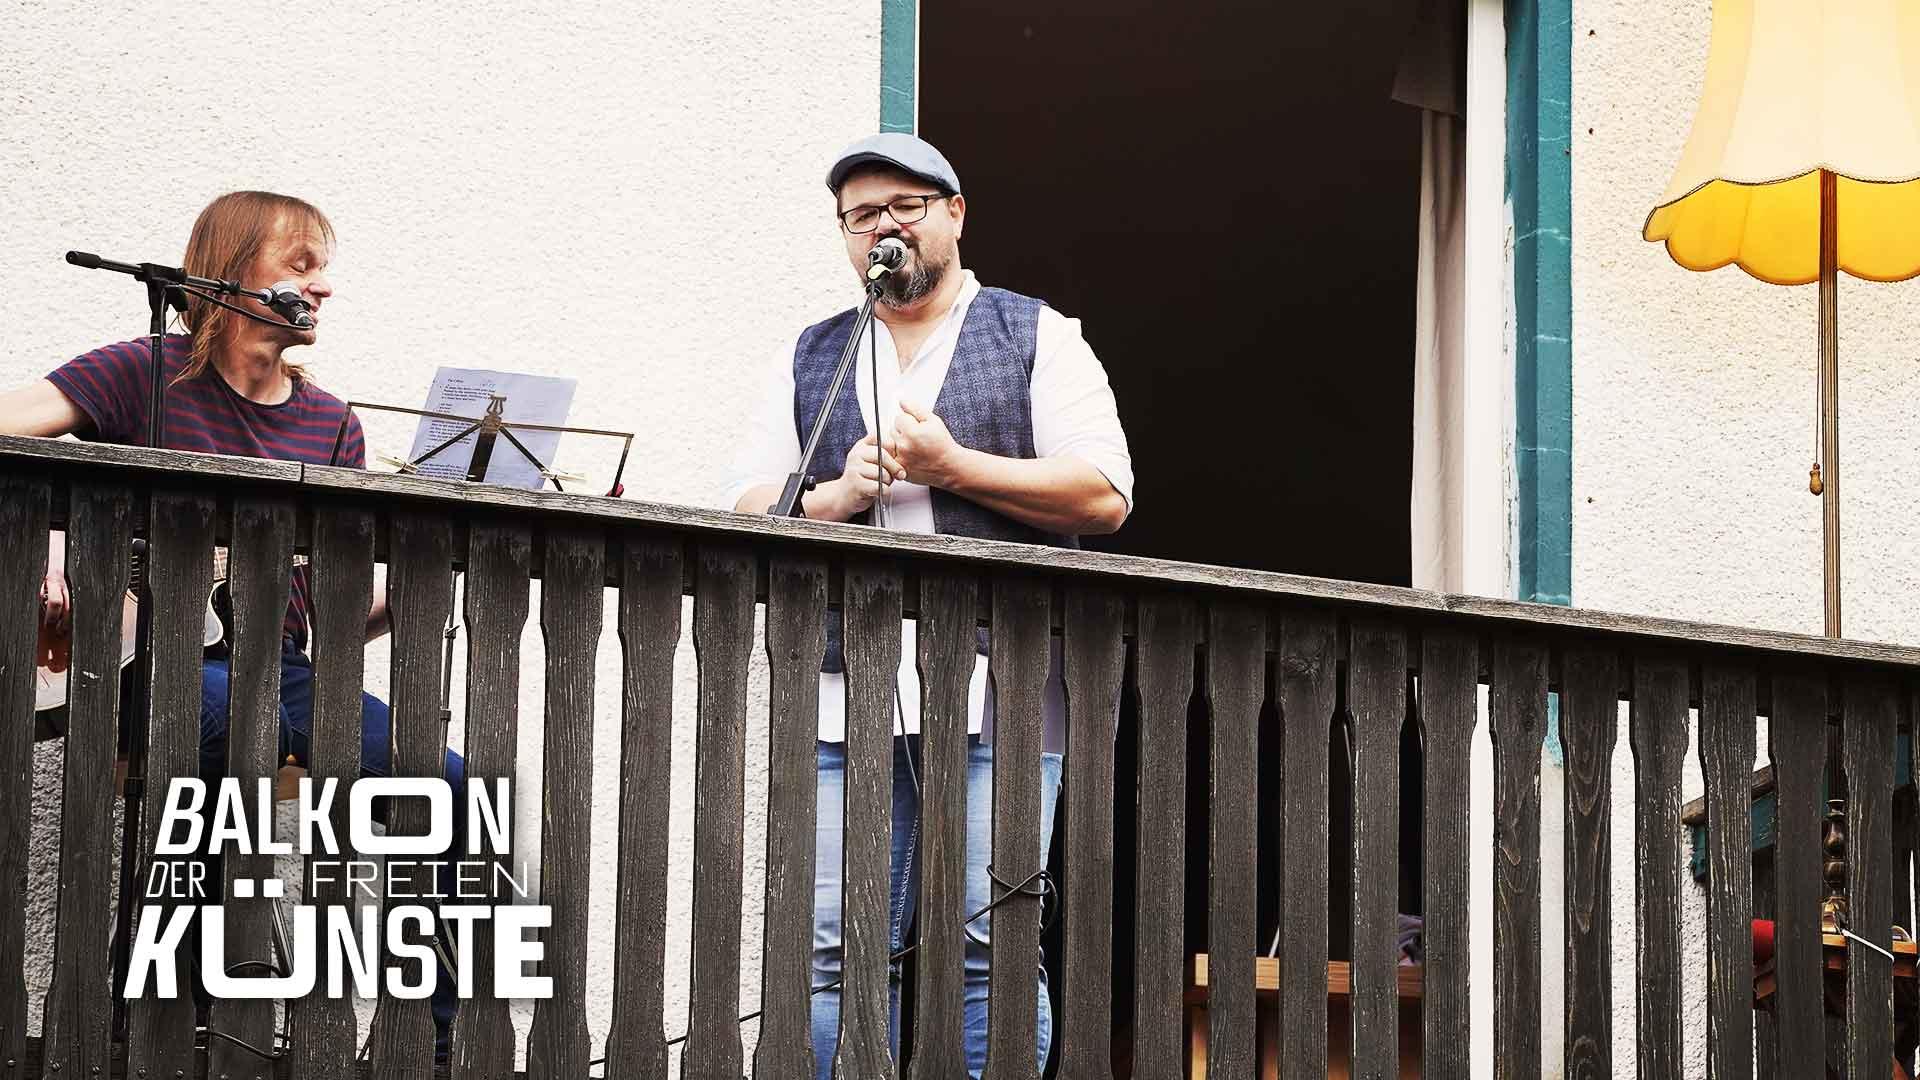 """""""Else klingt"""": Thomas Ziegler und Marcus Gornik auf dem Balkon der freien Künste"""